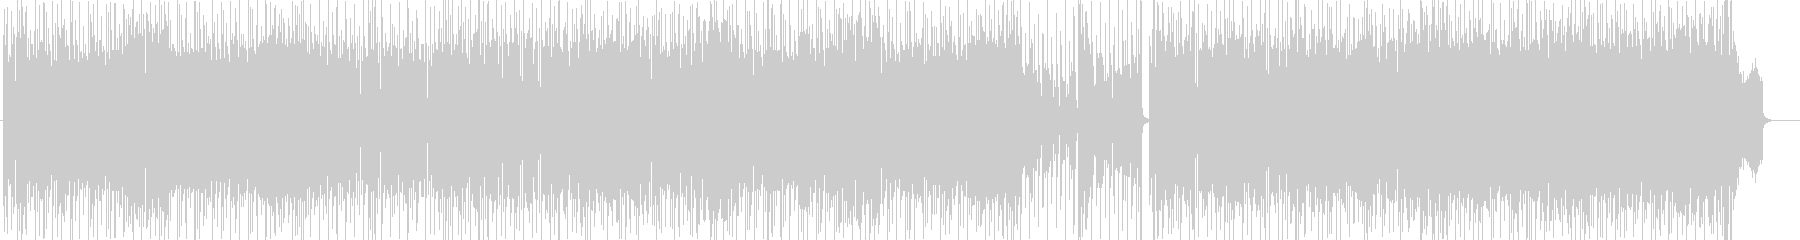 シーケンスの手法が楽しいフュージョンの未再生の波形